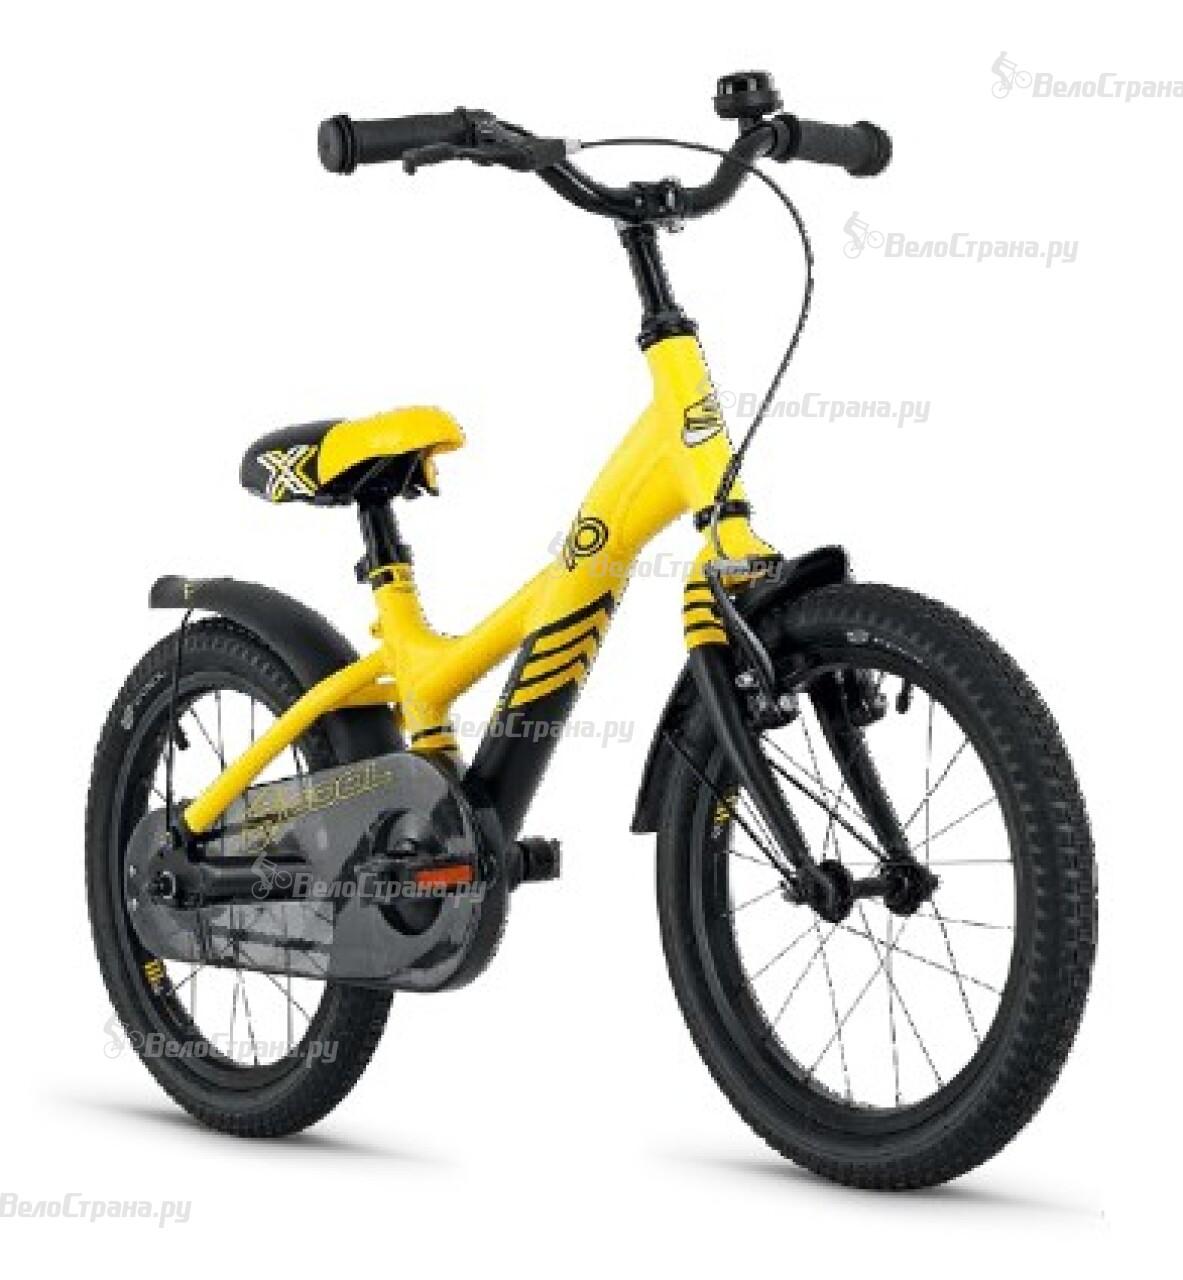 Велосипед Scool XX lite 16 (2014) цена